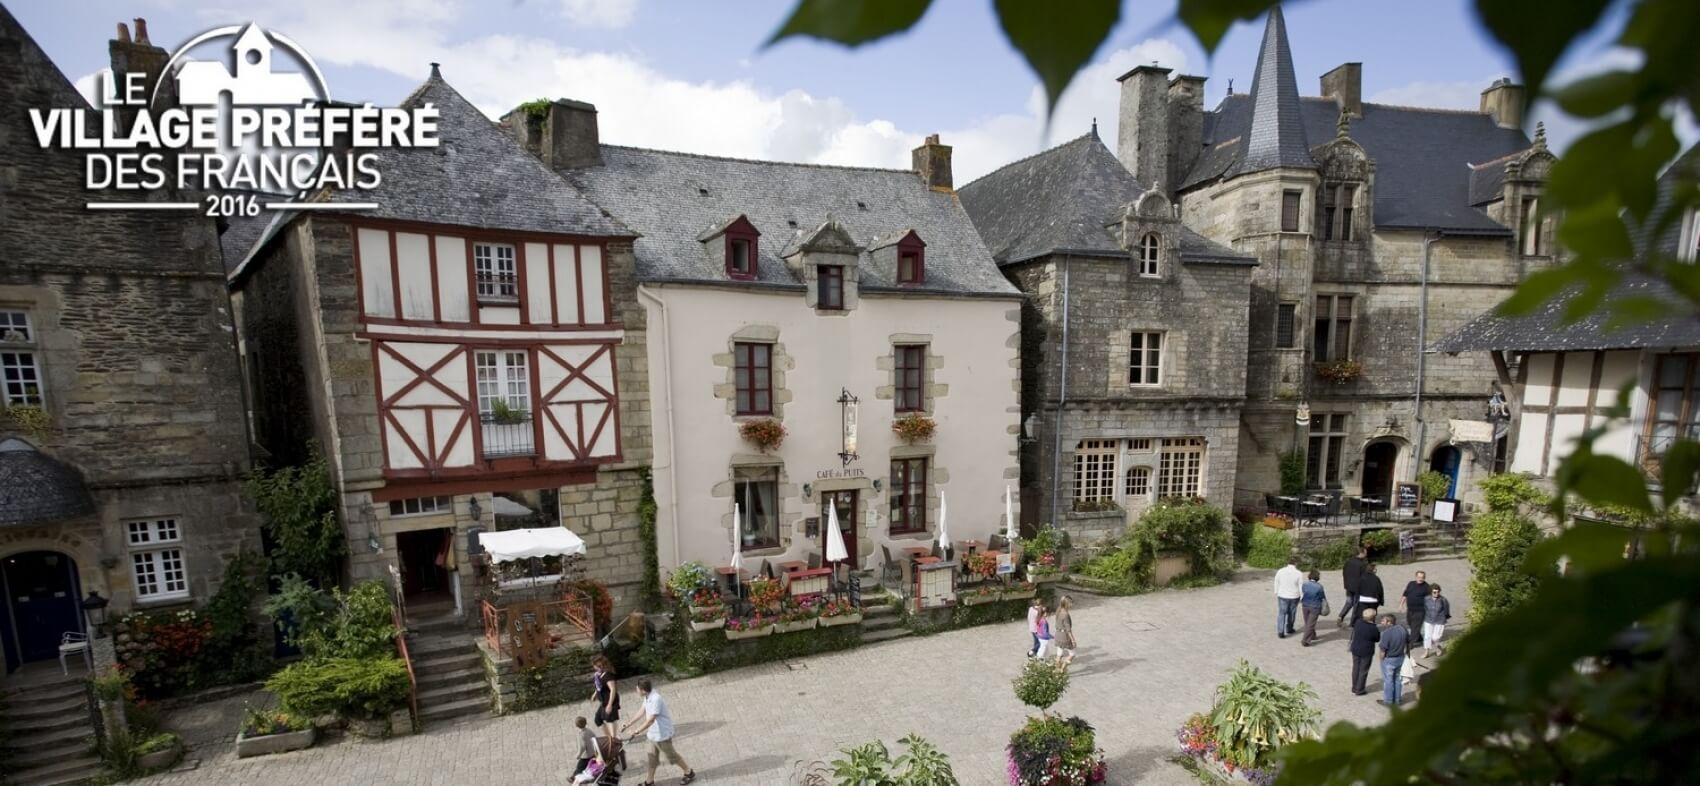 Rochefort en Terre et déjeuner croisière sur la Vilaine